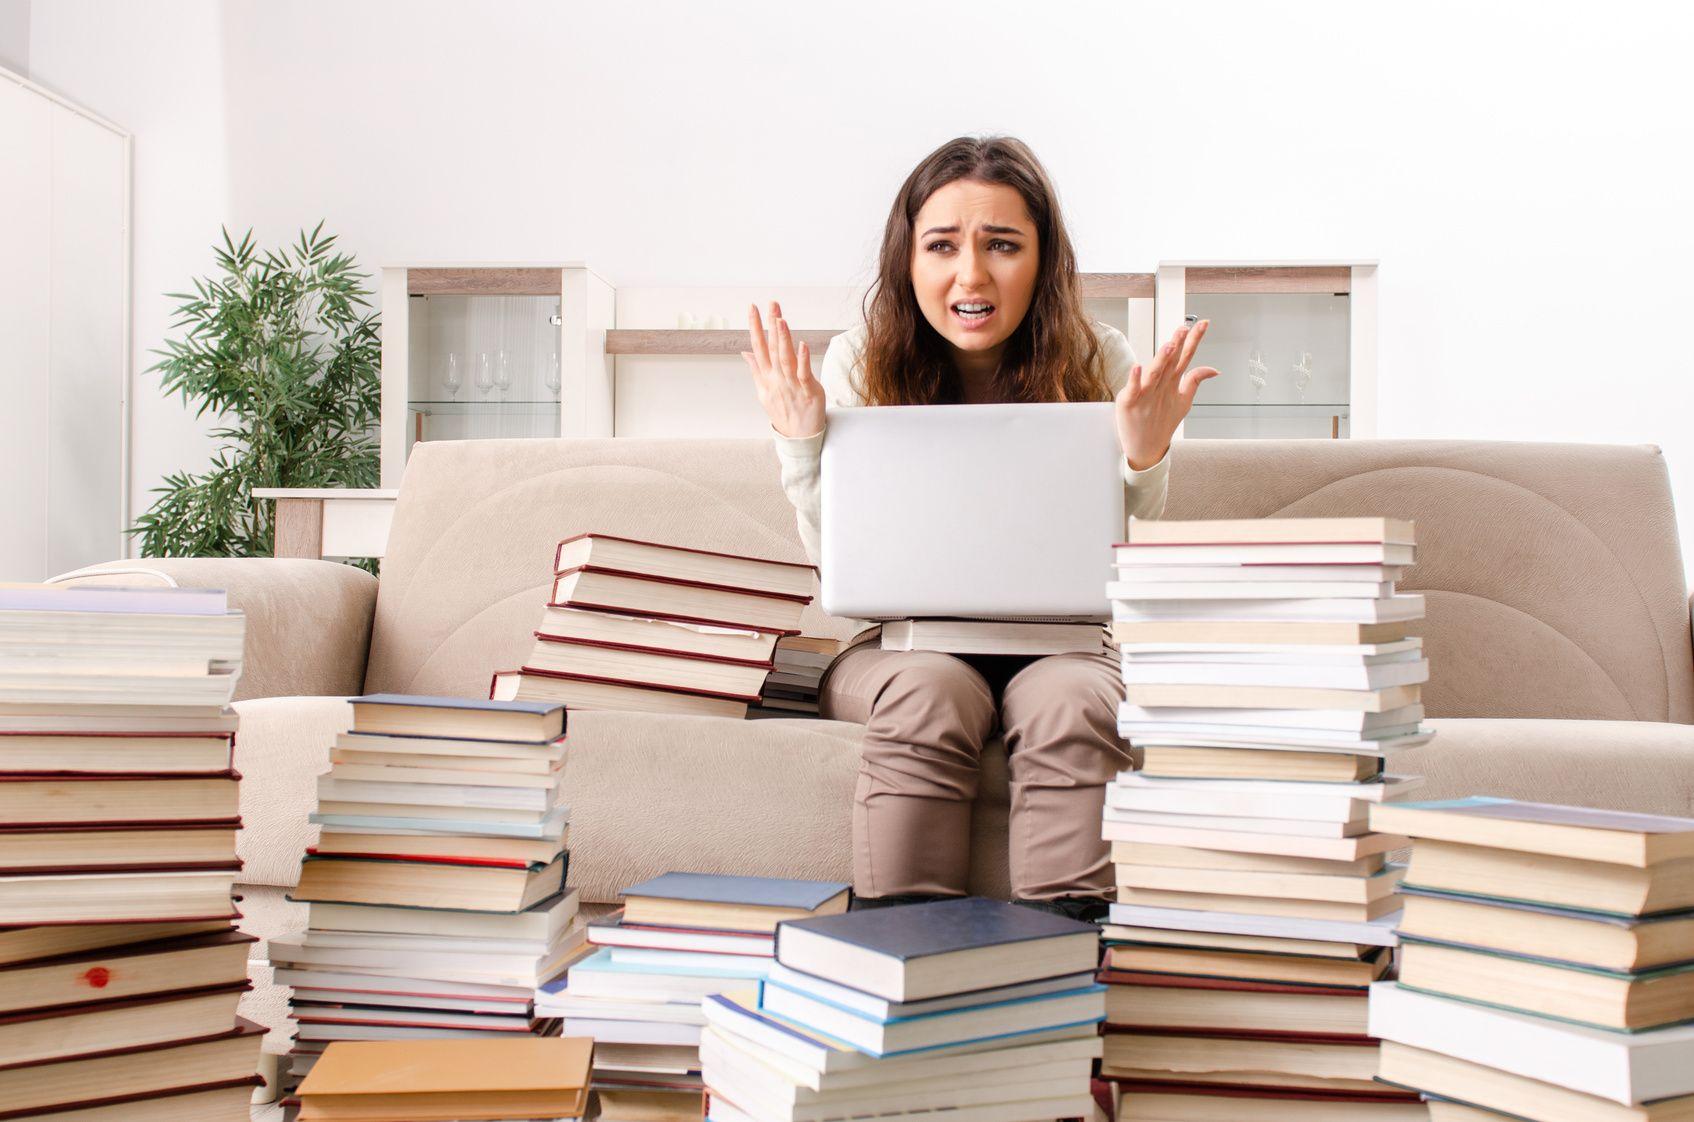 Wie schreibe ich schnell eine gute Hausarbeit?